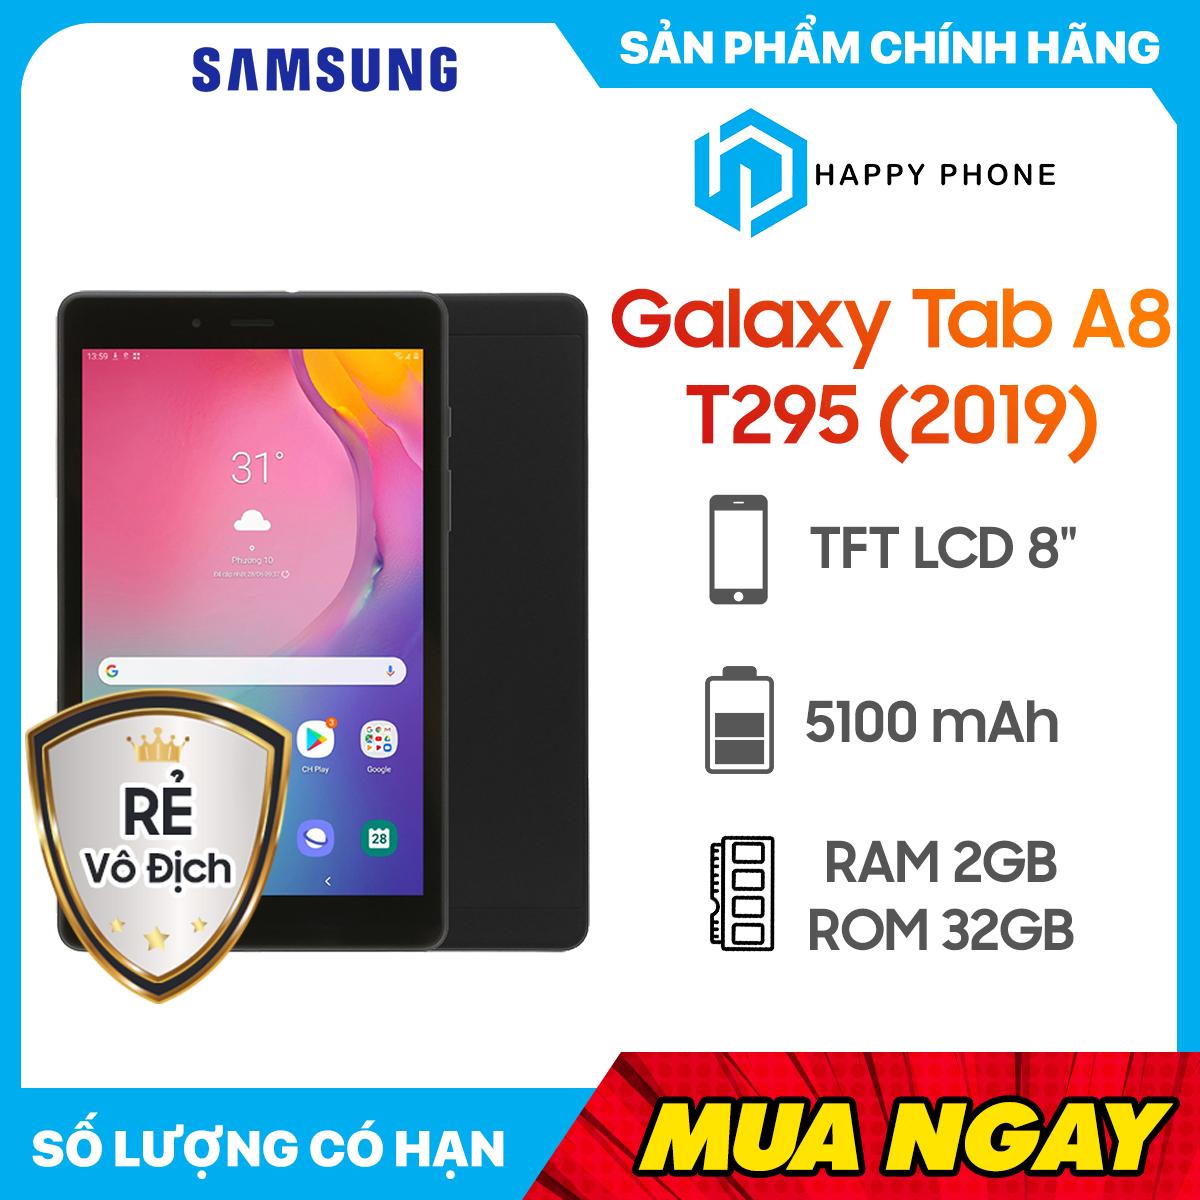 [Trả góp 0%] Máy tính bảng Samsung Galaxy Tab A8 T295 (2019) (2GB/32GB) - Hàng chính hãng, Mới 100%, Nguyên seal   Bảo hành 12 tháng